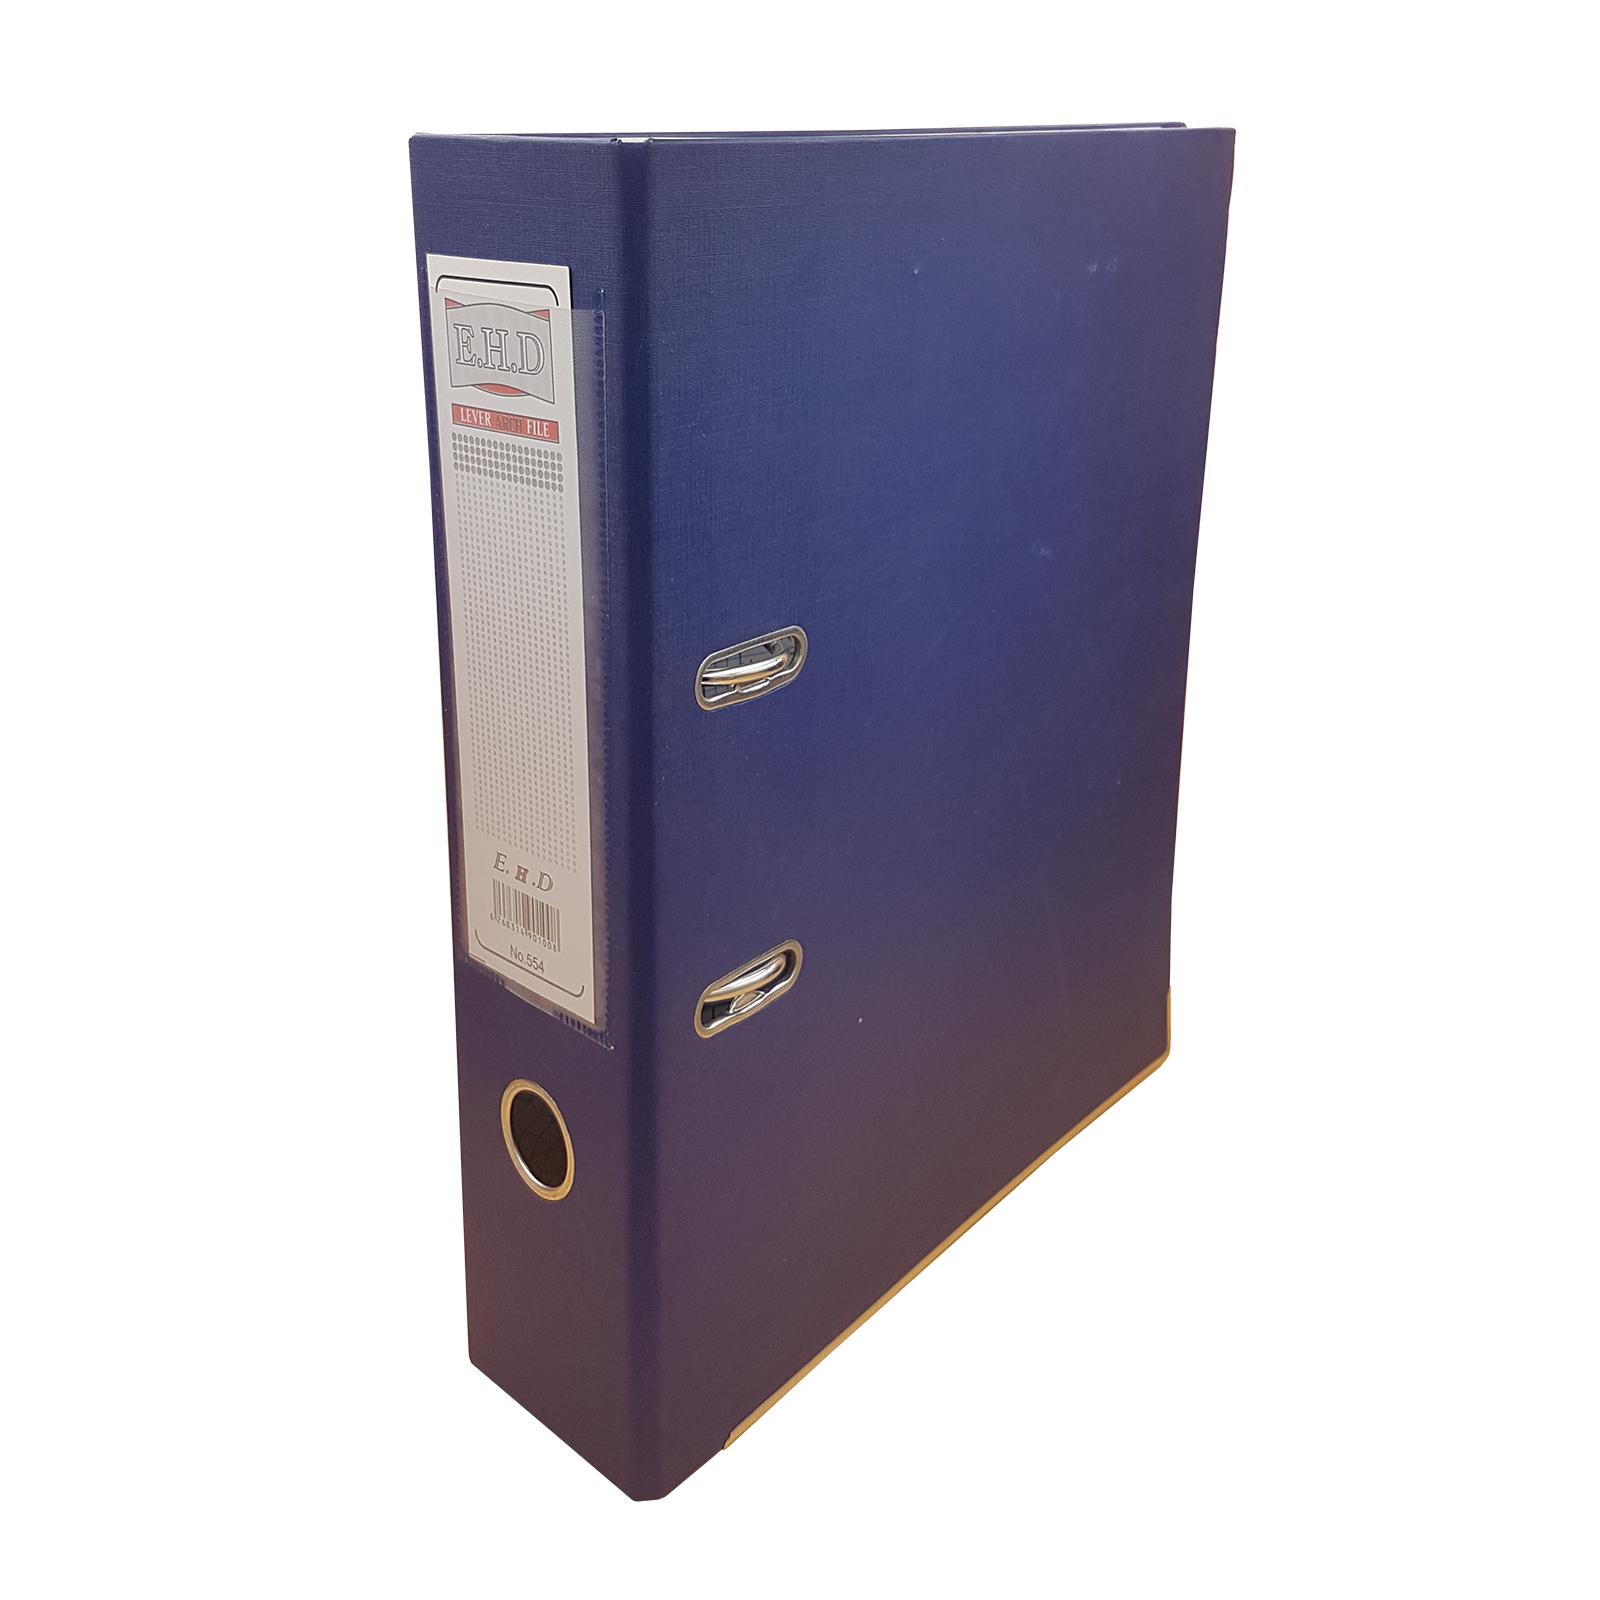 زونکن لبه فلز ای اچ دی 7/5سانت در شرکت ها و ادارات به افراد کمک می کند تا بتوانند مدارک را به صورت دقیق دسته بندی کنند.